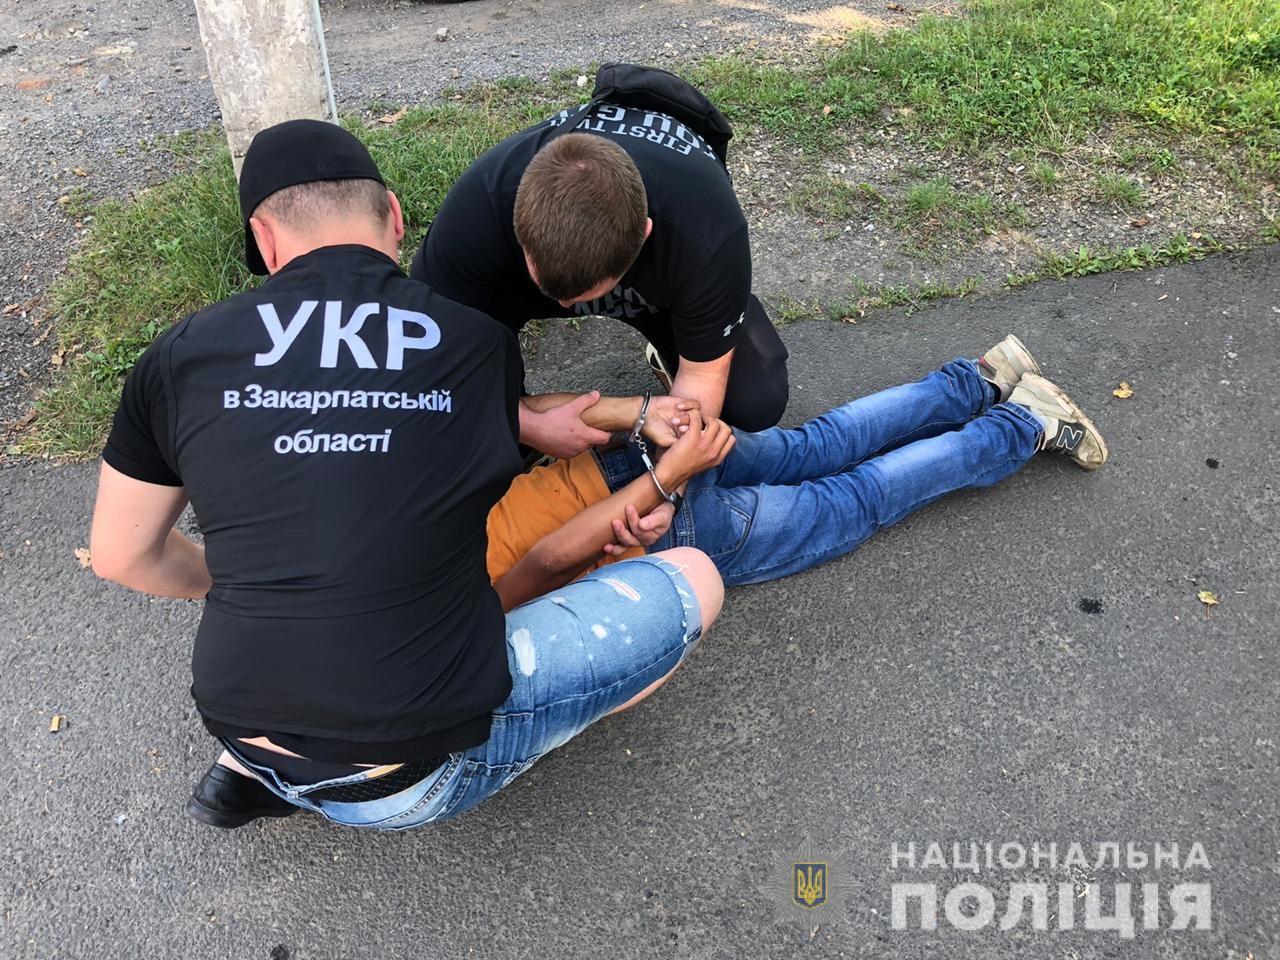 15-річному підлітку, що пограбував АЗС в Ужгороді, повідомлено про підозру